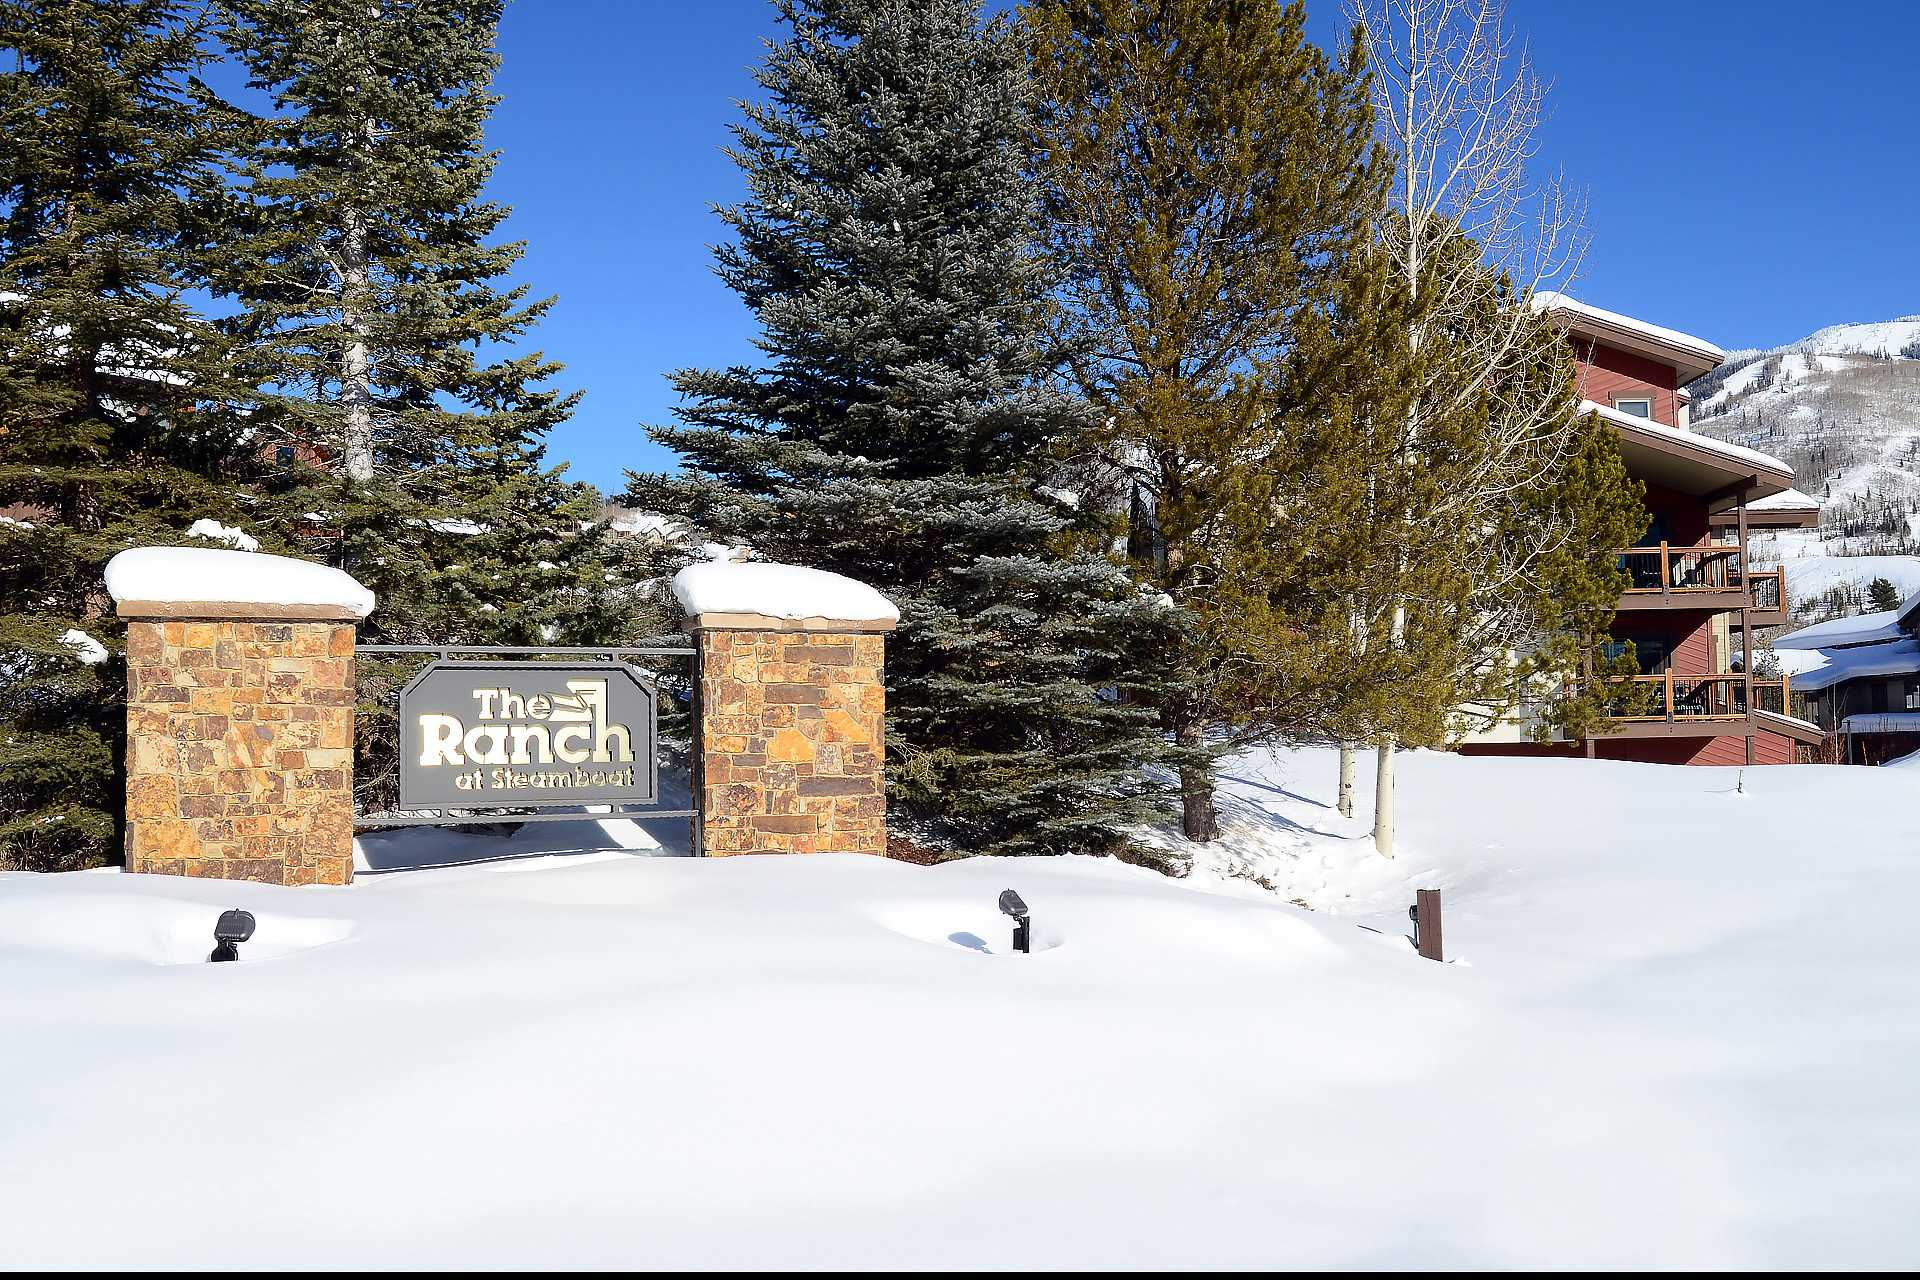 RA514: Ranch at Steamboat